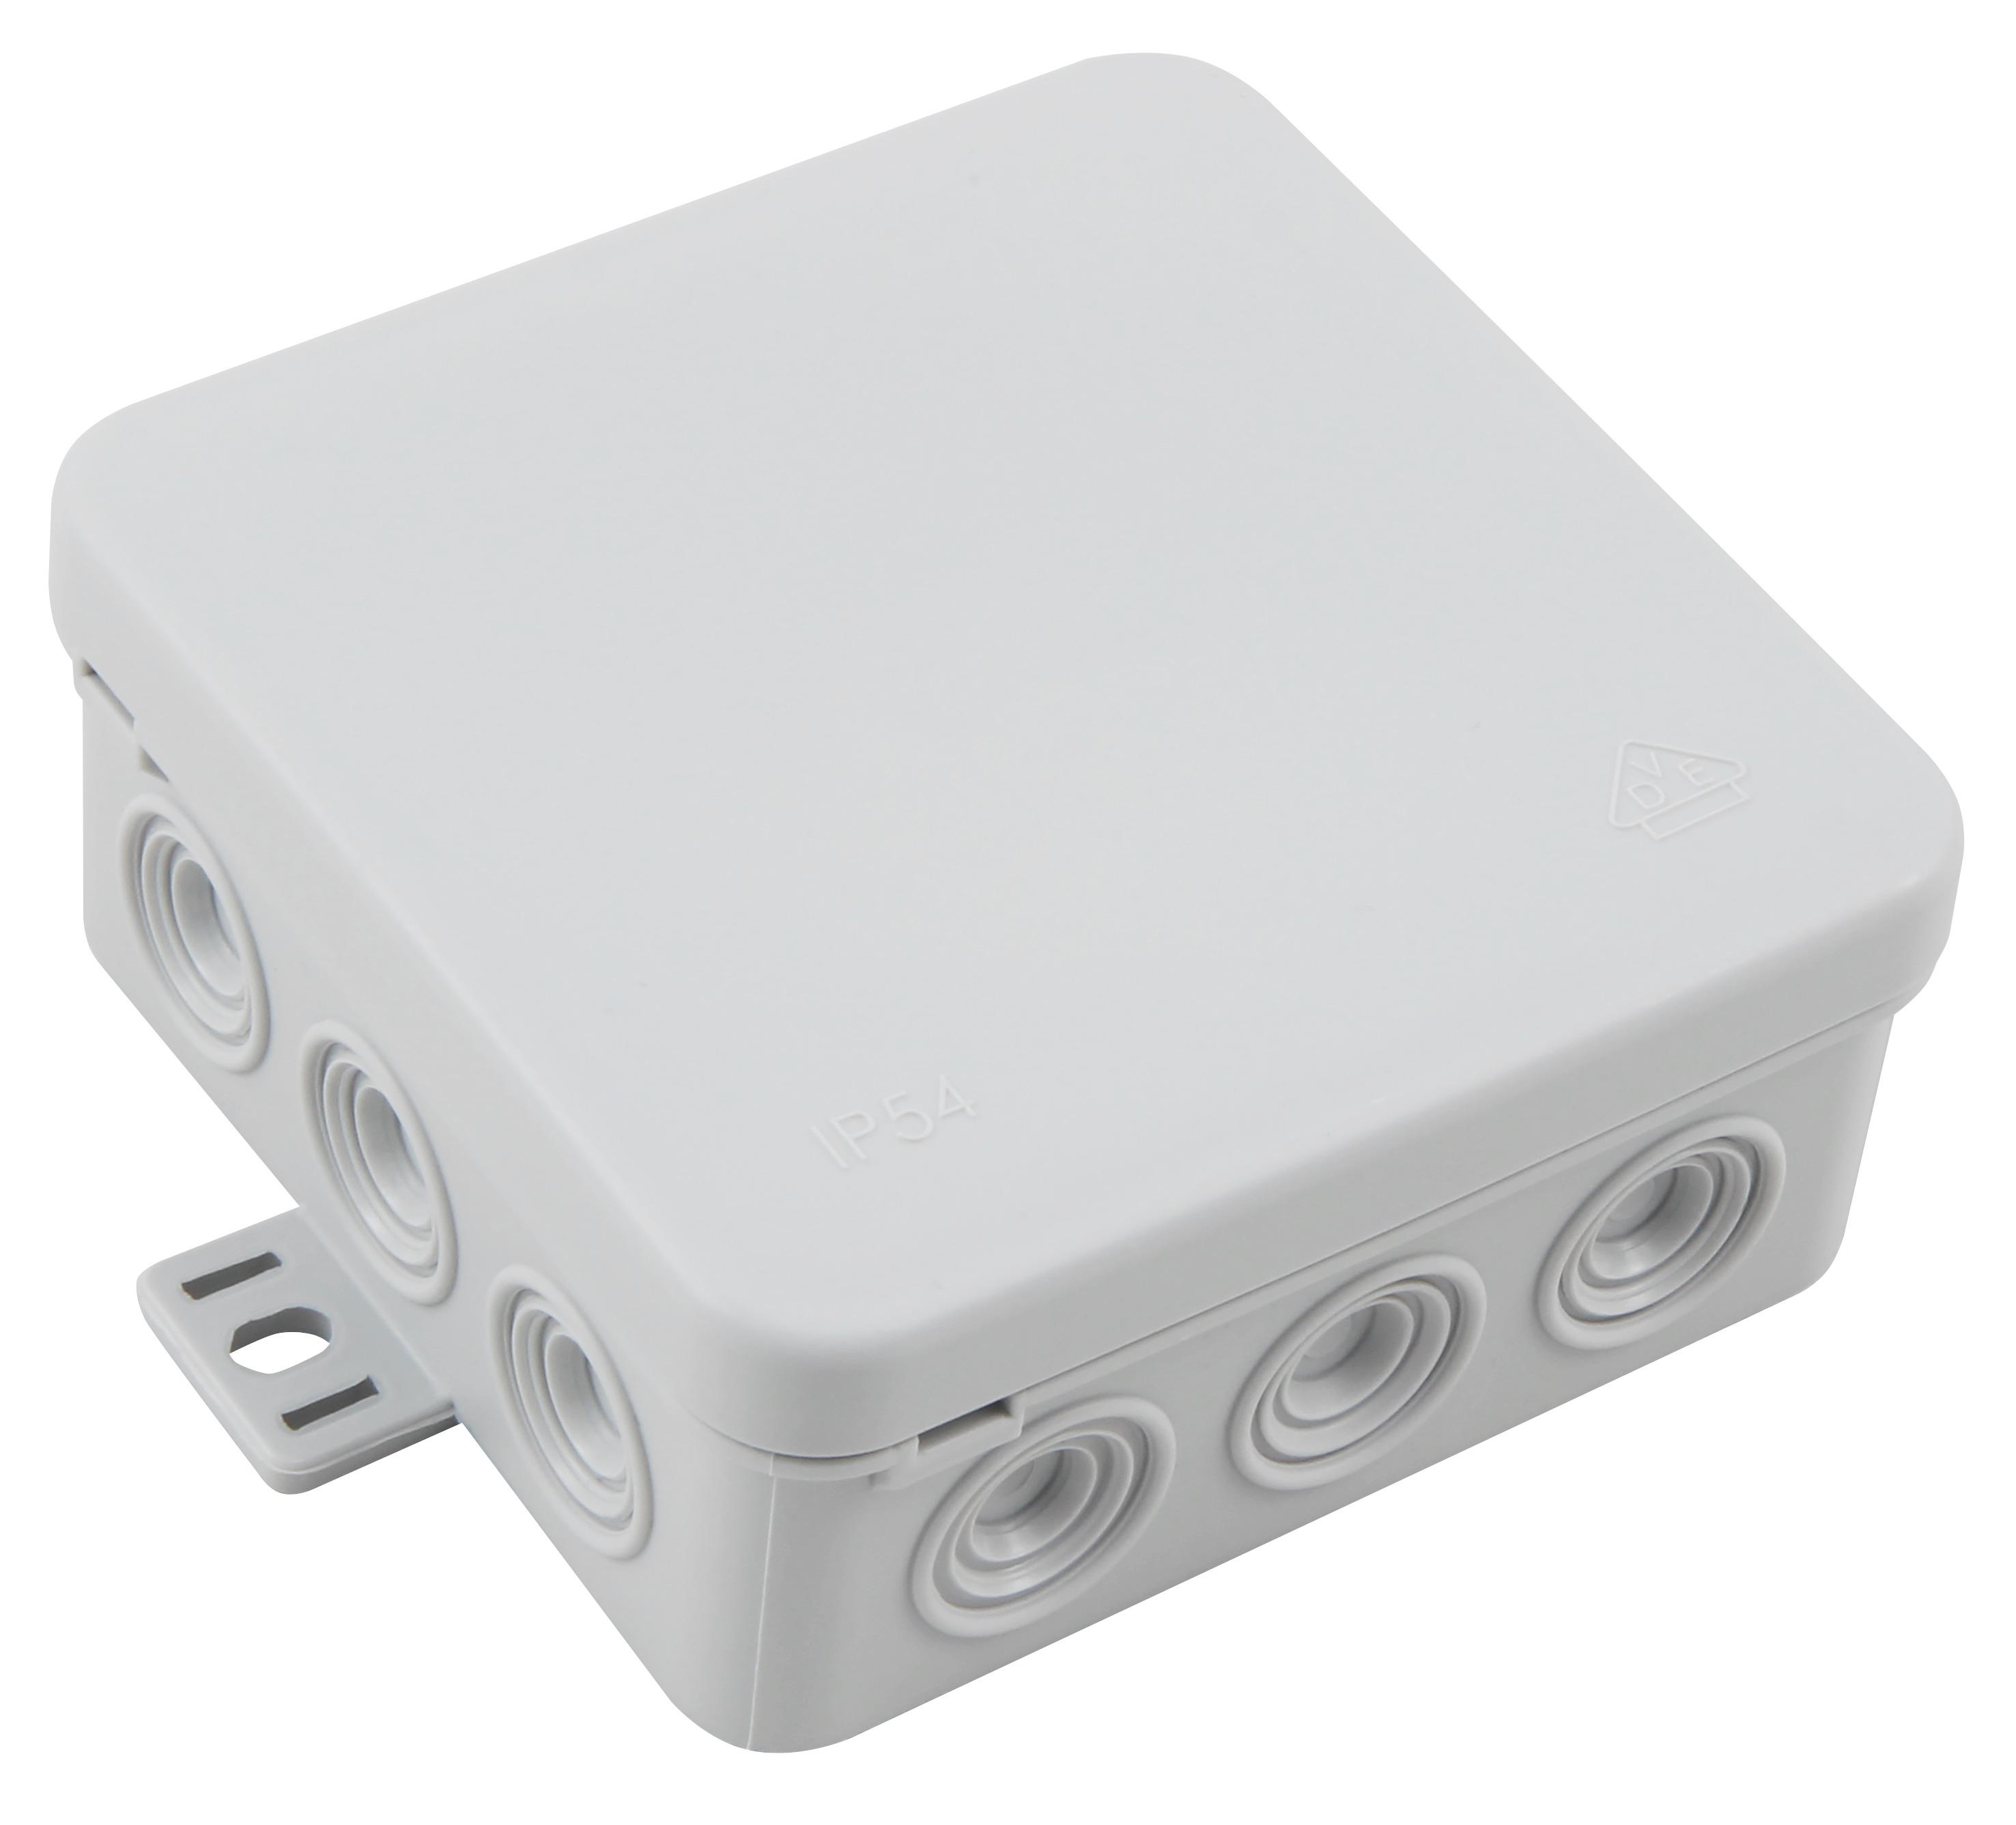 Feuchtraum Aufputzsteckdose Schalter Steckdosen Außenbereich Aufputz IP44 250V